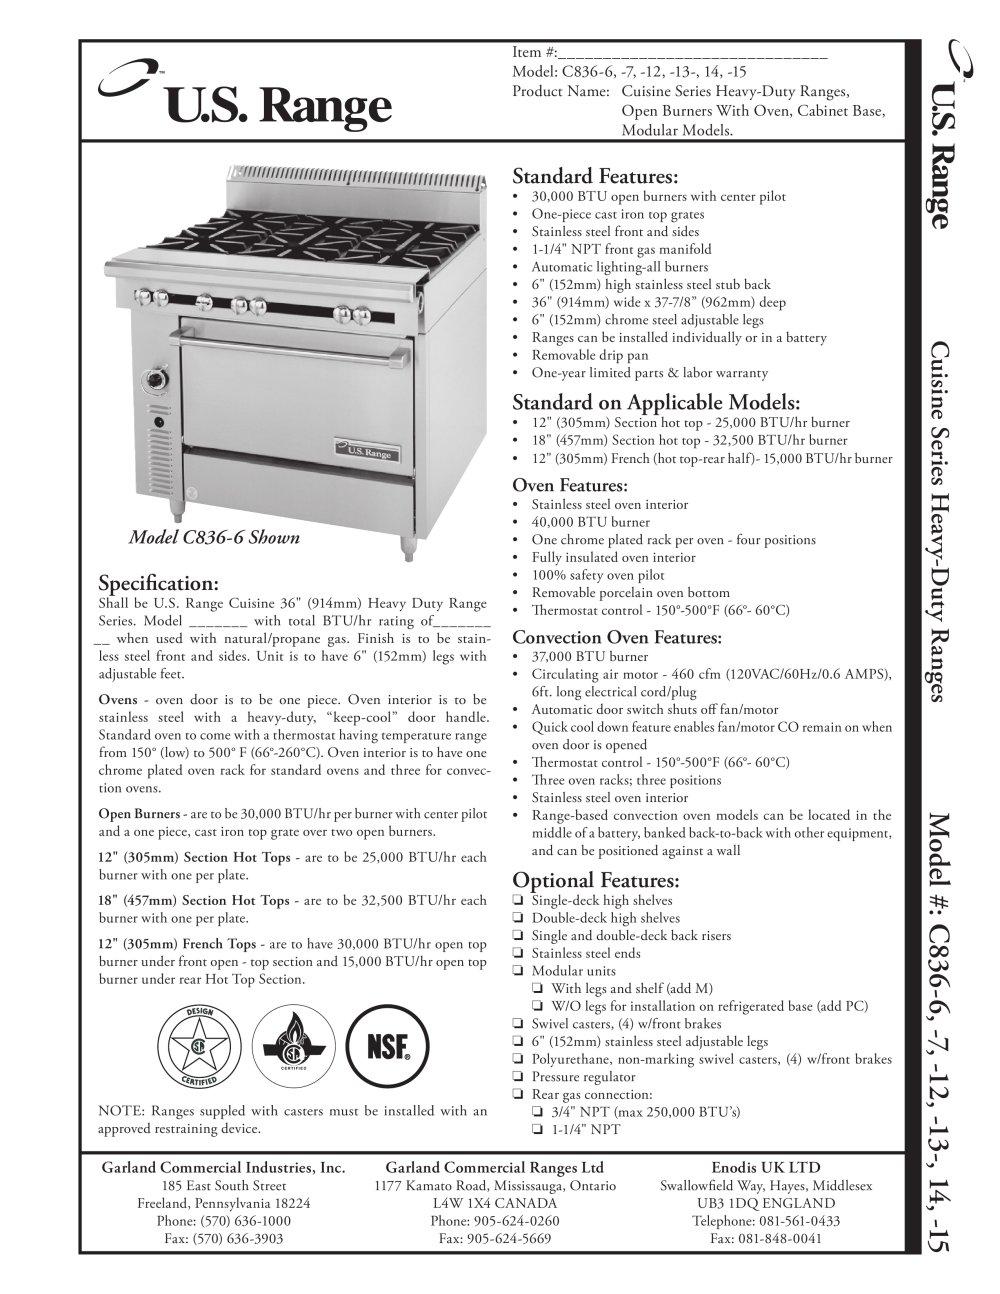 Cuisine Series Open Burner Ranges C Garland PDF - Cuisine 14m2